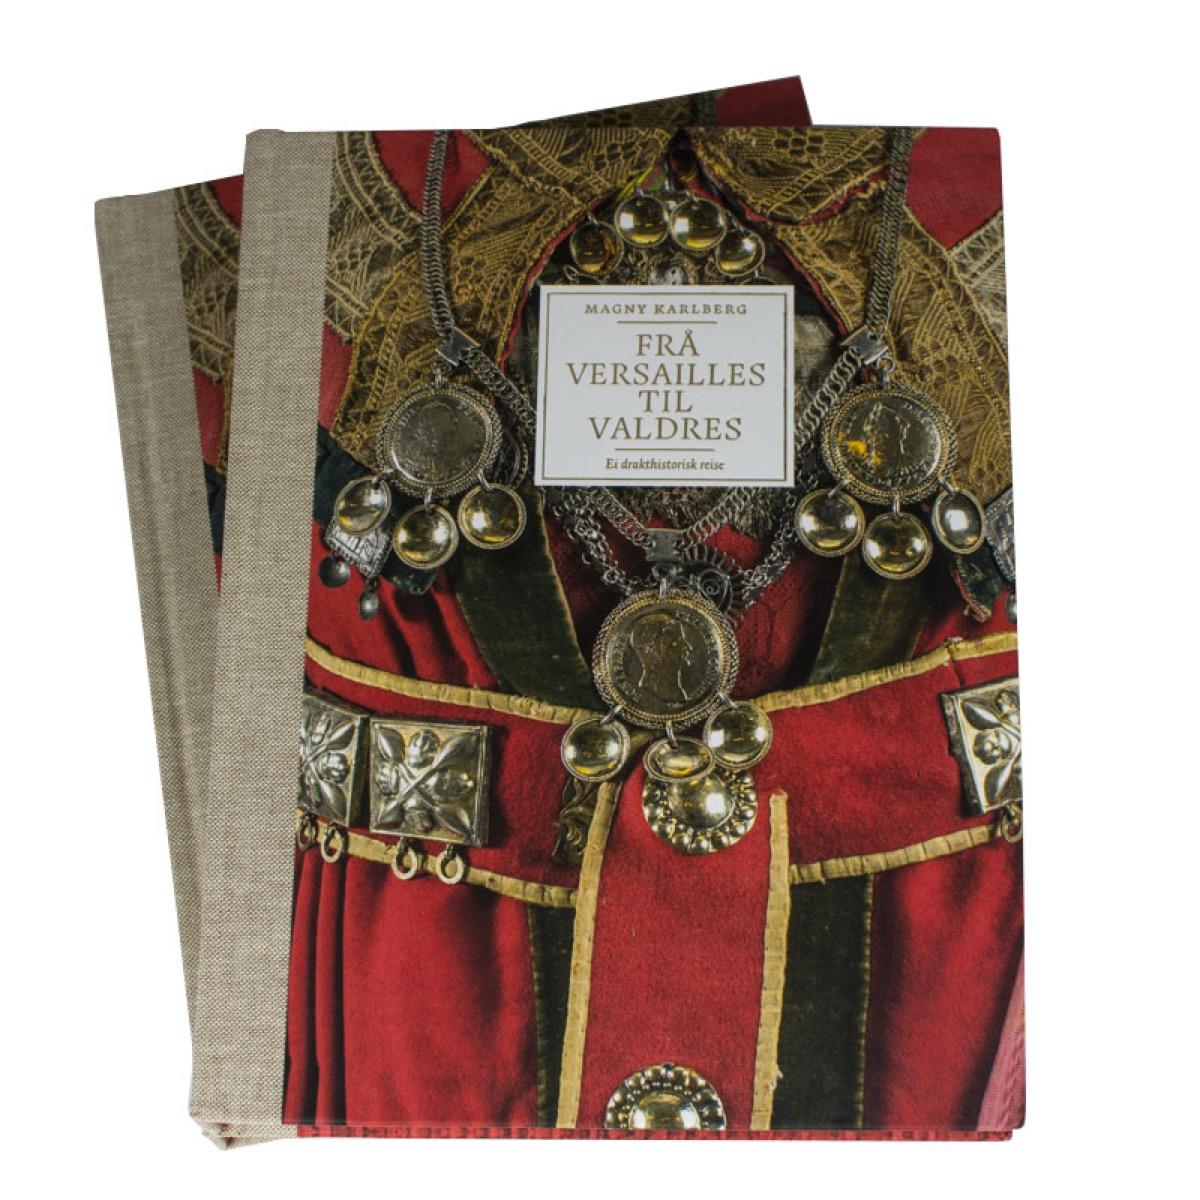 Frå Versailles til Valdres